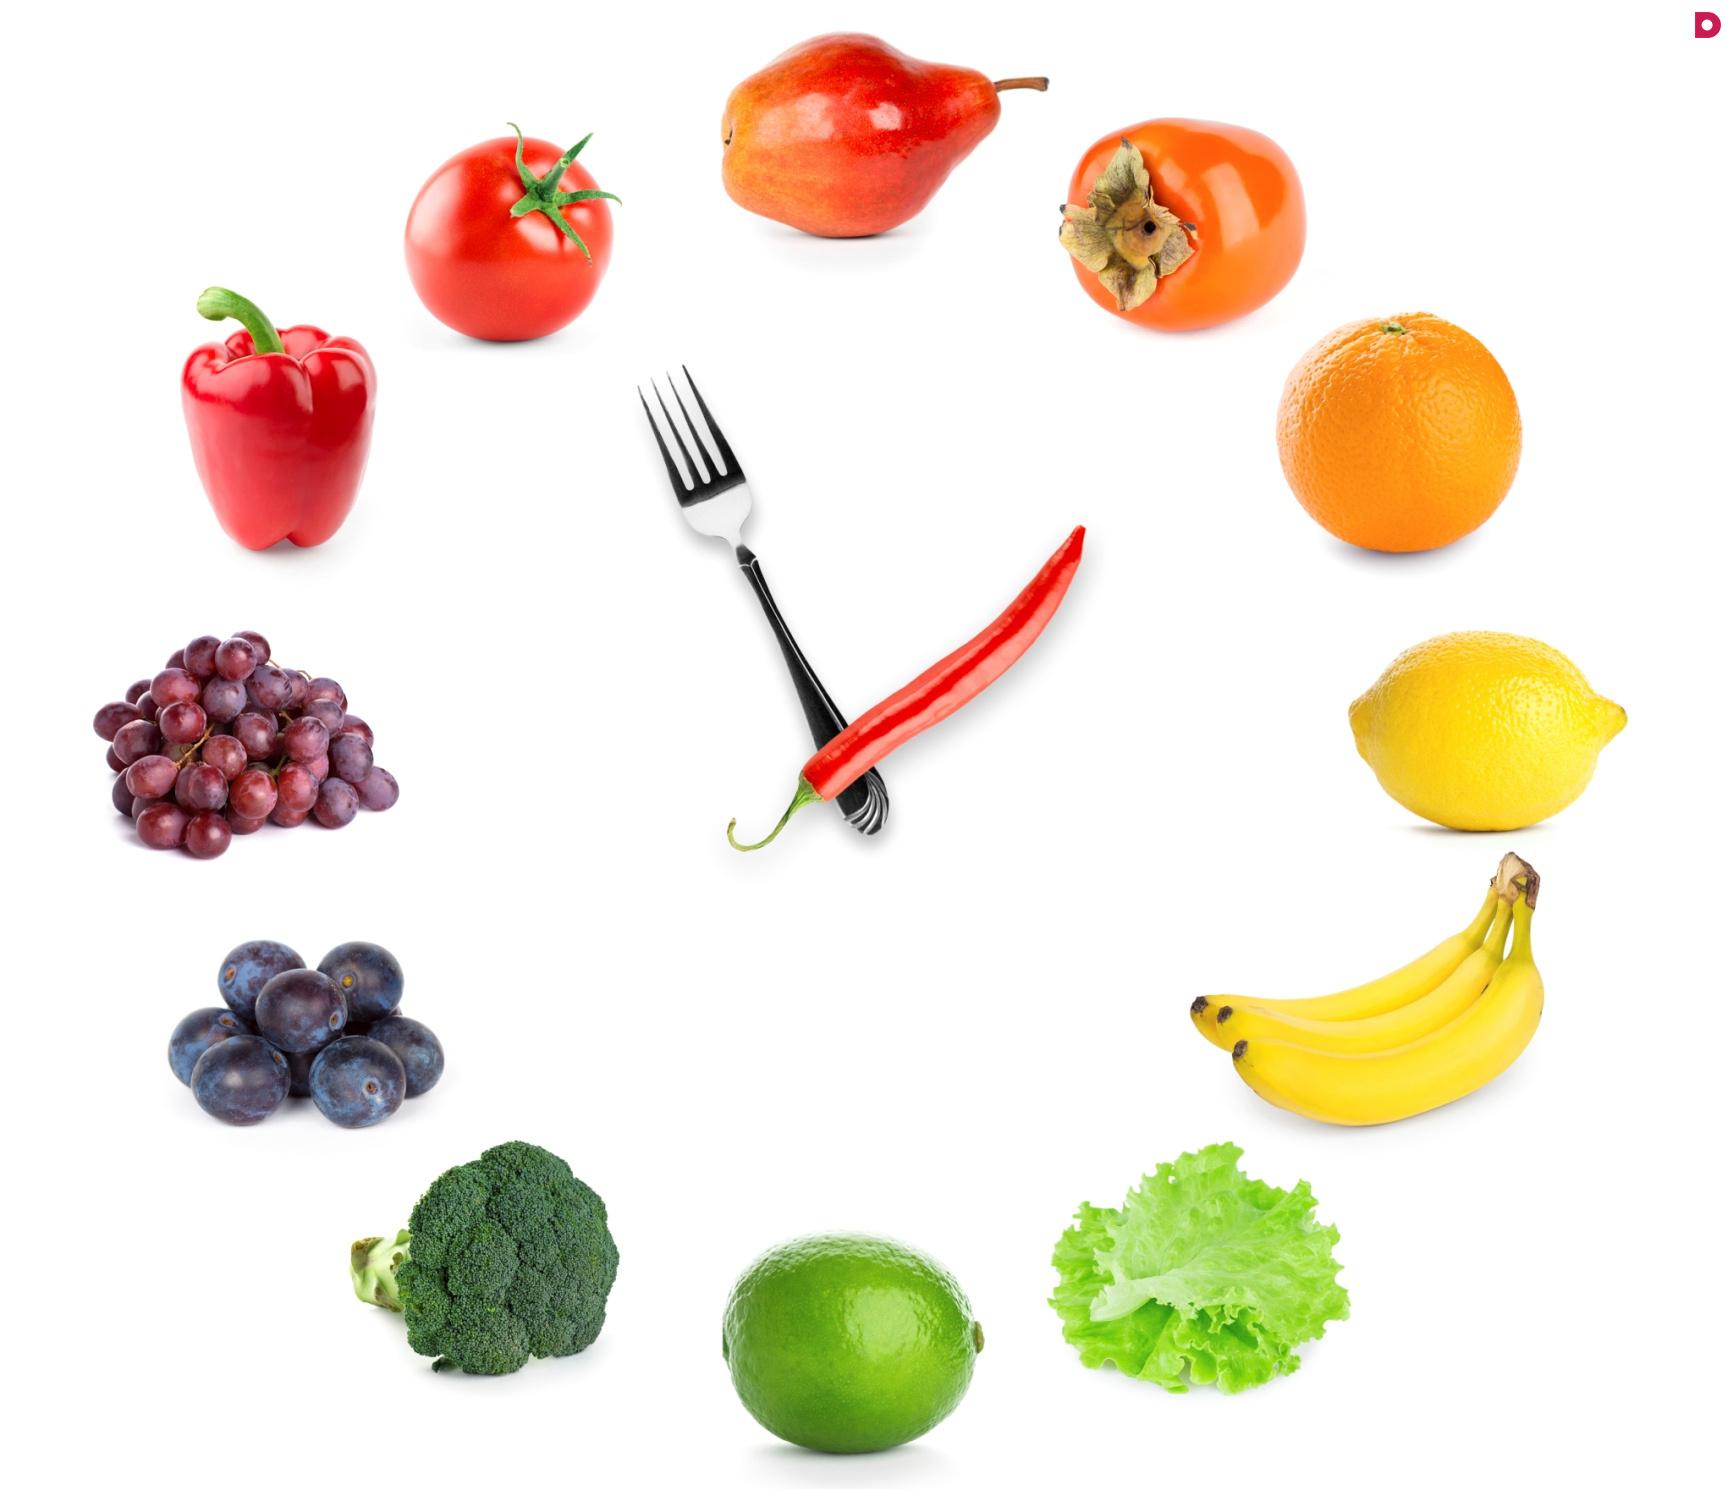 Дробное питание для похудения на неделю. меню и рецепты, отзывы худеющих